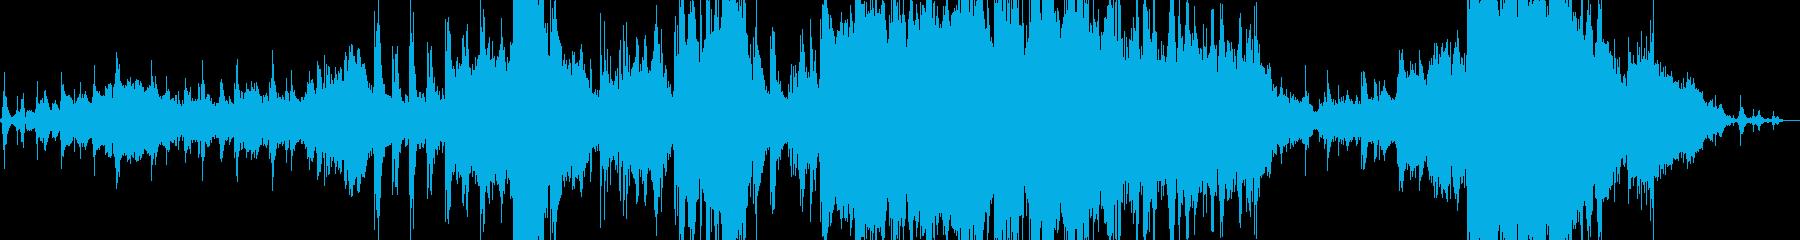 海のイメージの感動的なBGMの再生済みの波形